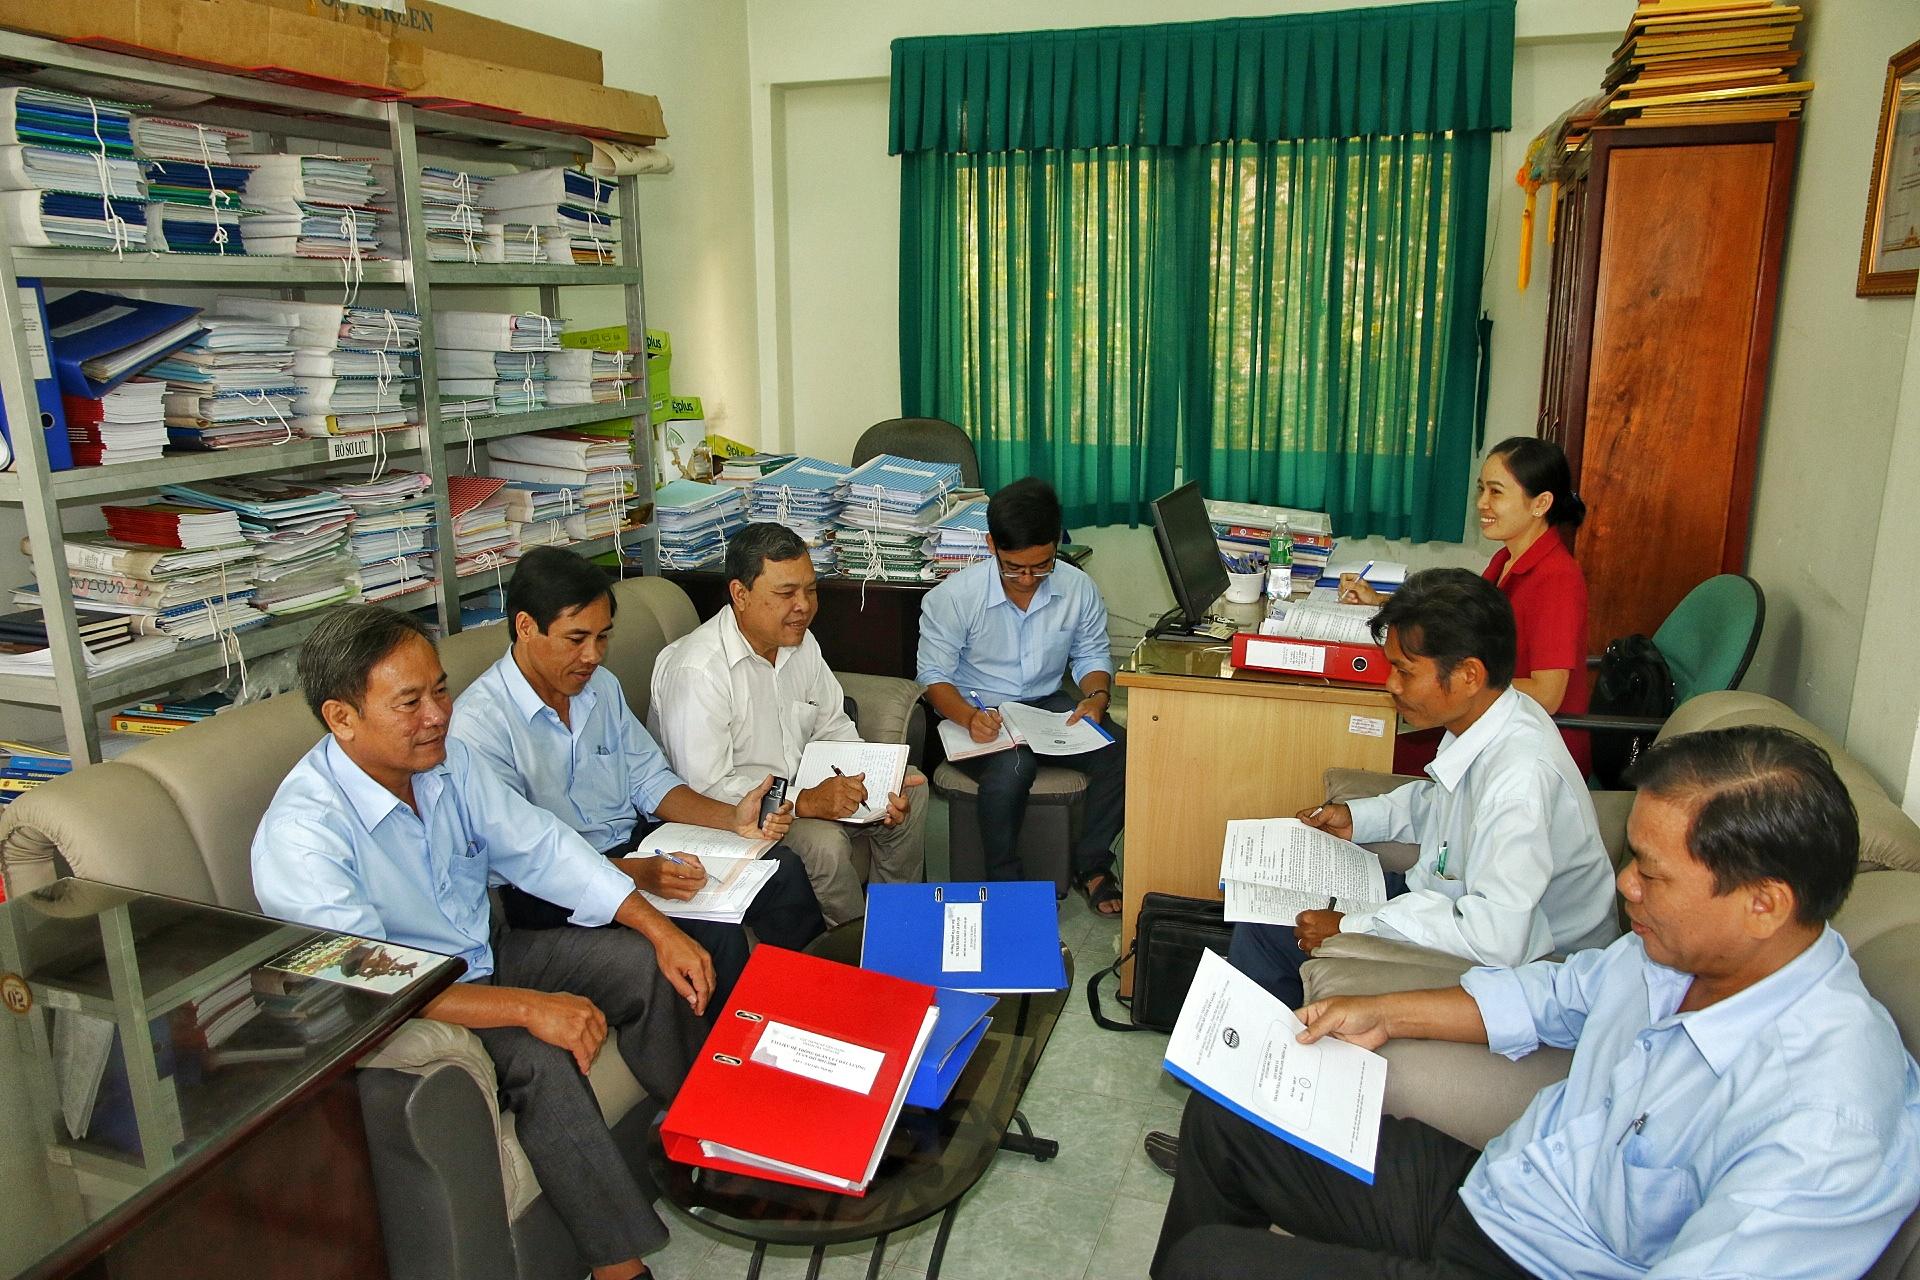 Cục Thống kê tỉnh Tiền Giang tổ chức đánh giá nội bộ công tác ISO 9001: 2008 năm 2017